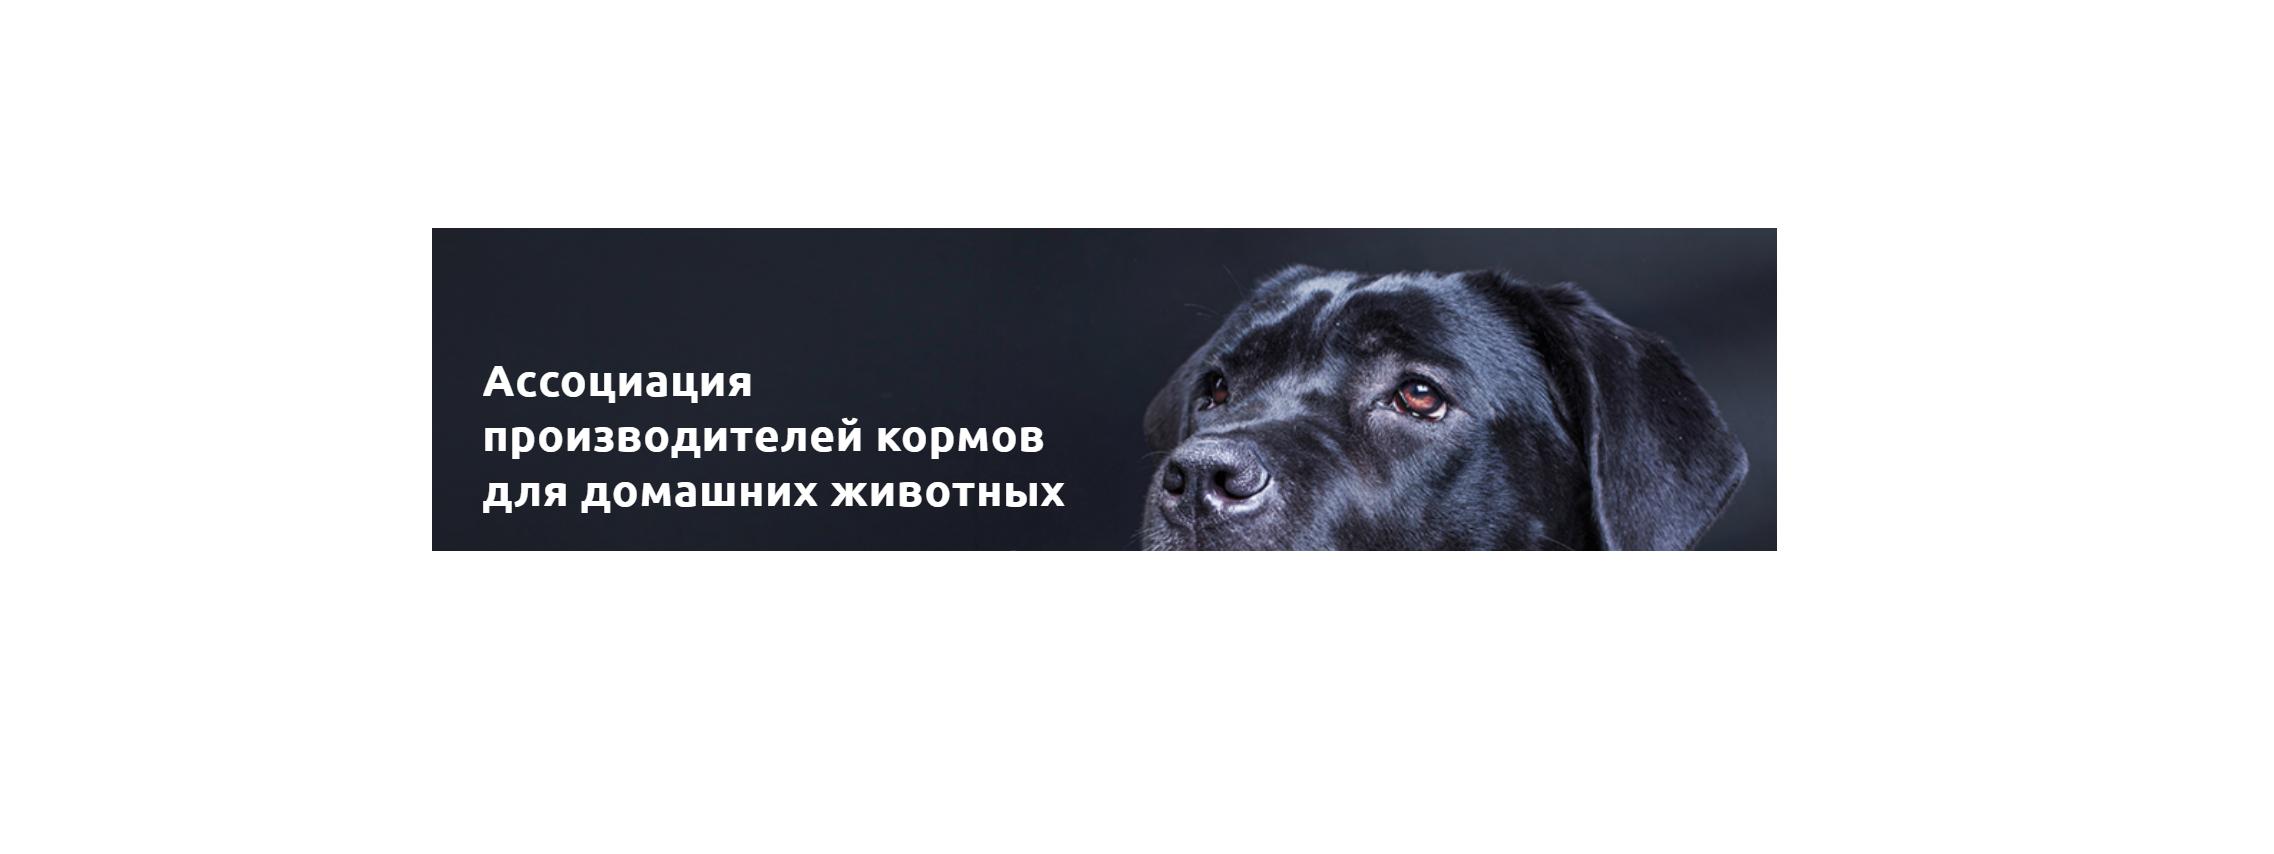 Ассоциации производителей кормов для домашних животных и Конкурс «Регионы - устойчивое развитие» будут совместно развивать российские отраслевые проекты